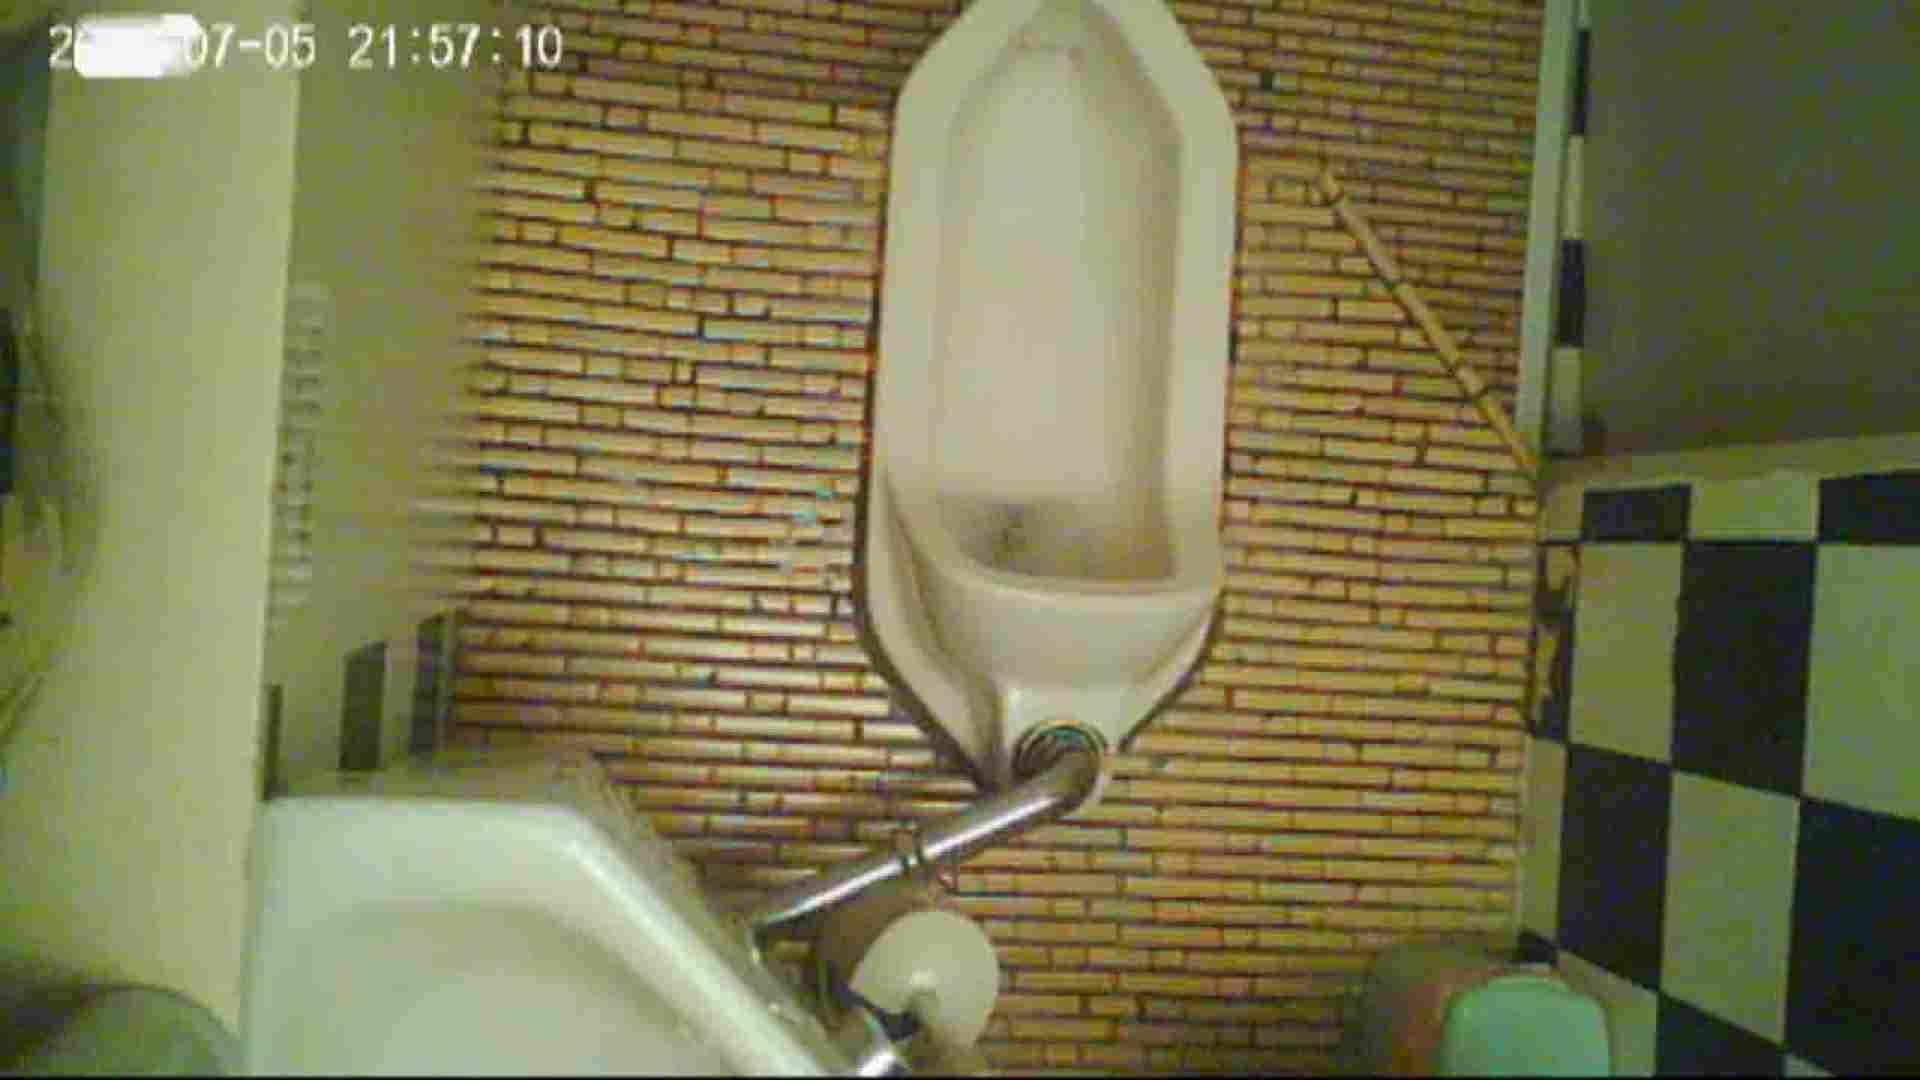 和式トイレの喫茶店店主マロンさんのコレクションvol.1 トイレ突入 | 和式トイレ  103pic 6